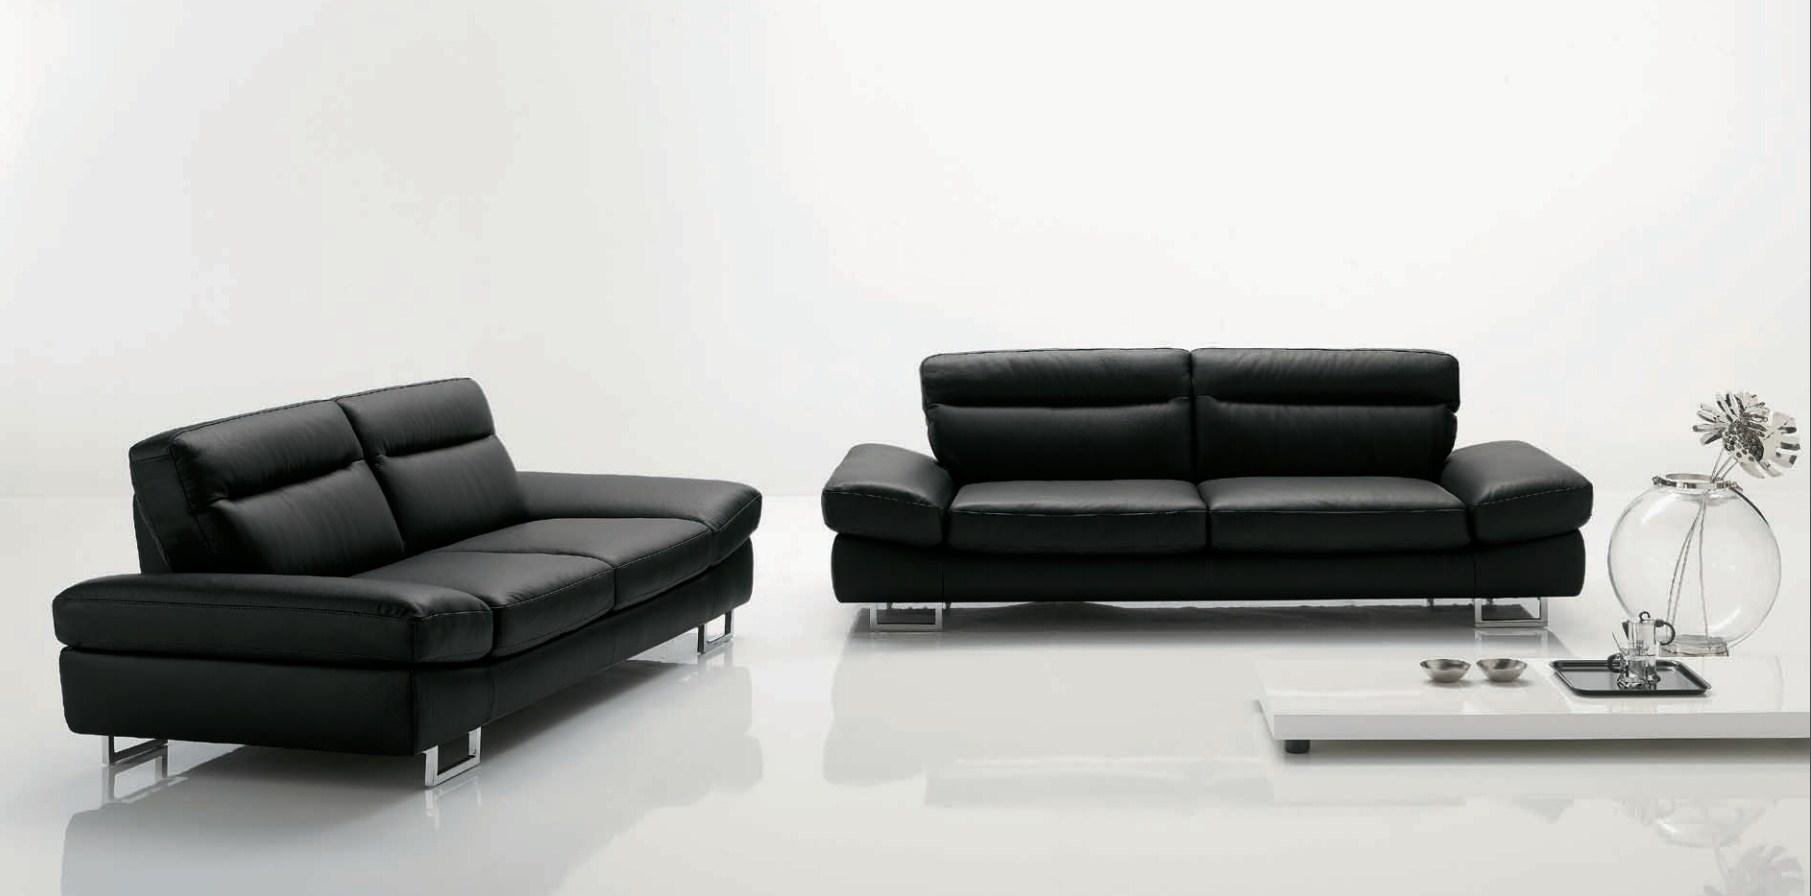 Divano in pelle tre posti divani a prezzi scontati - Divano tre posti ecopelle ...